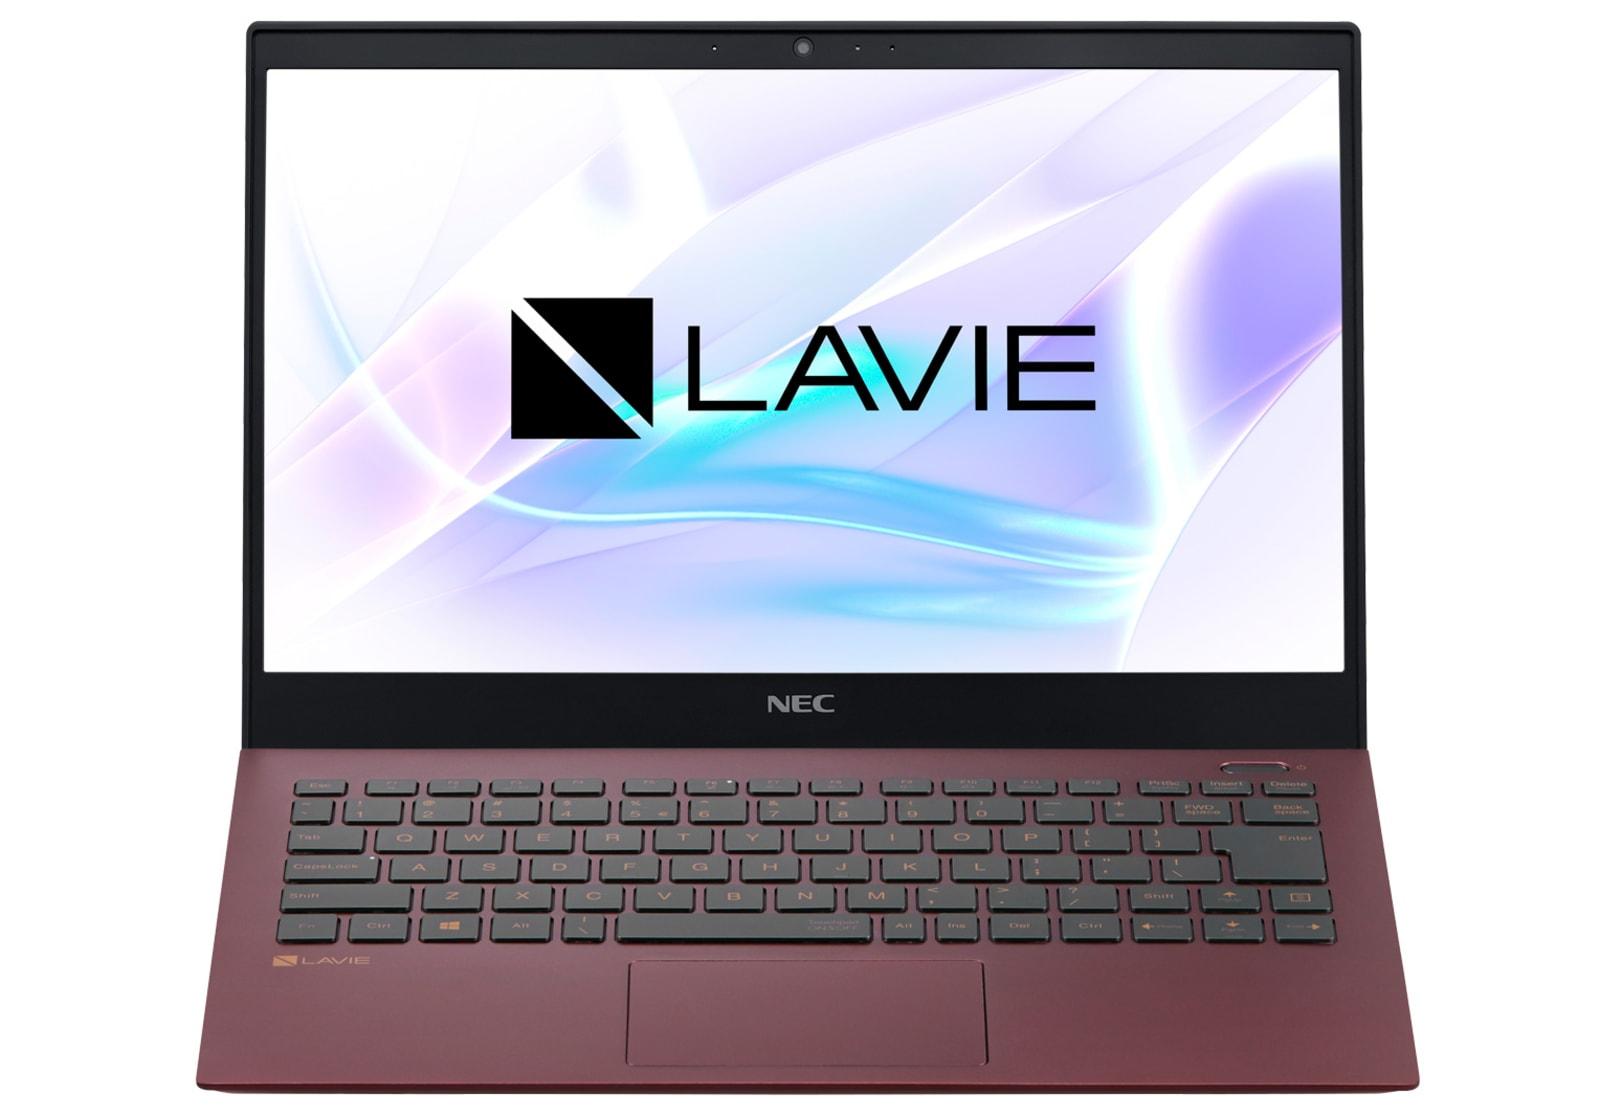 NEC LaVie Pro Mobile